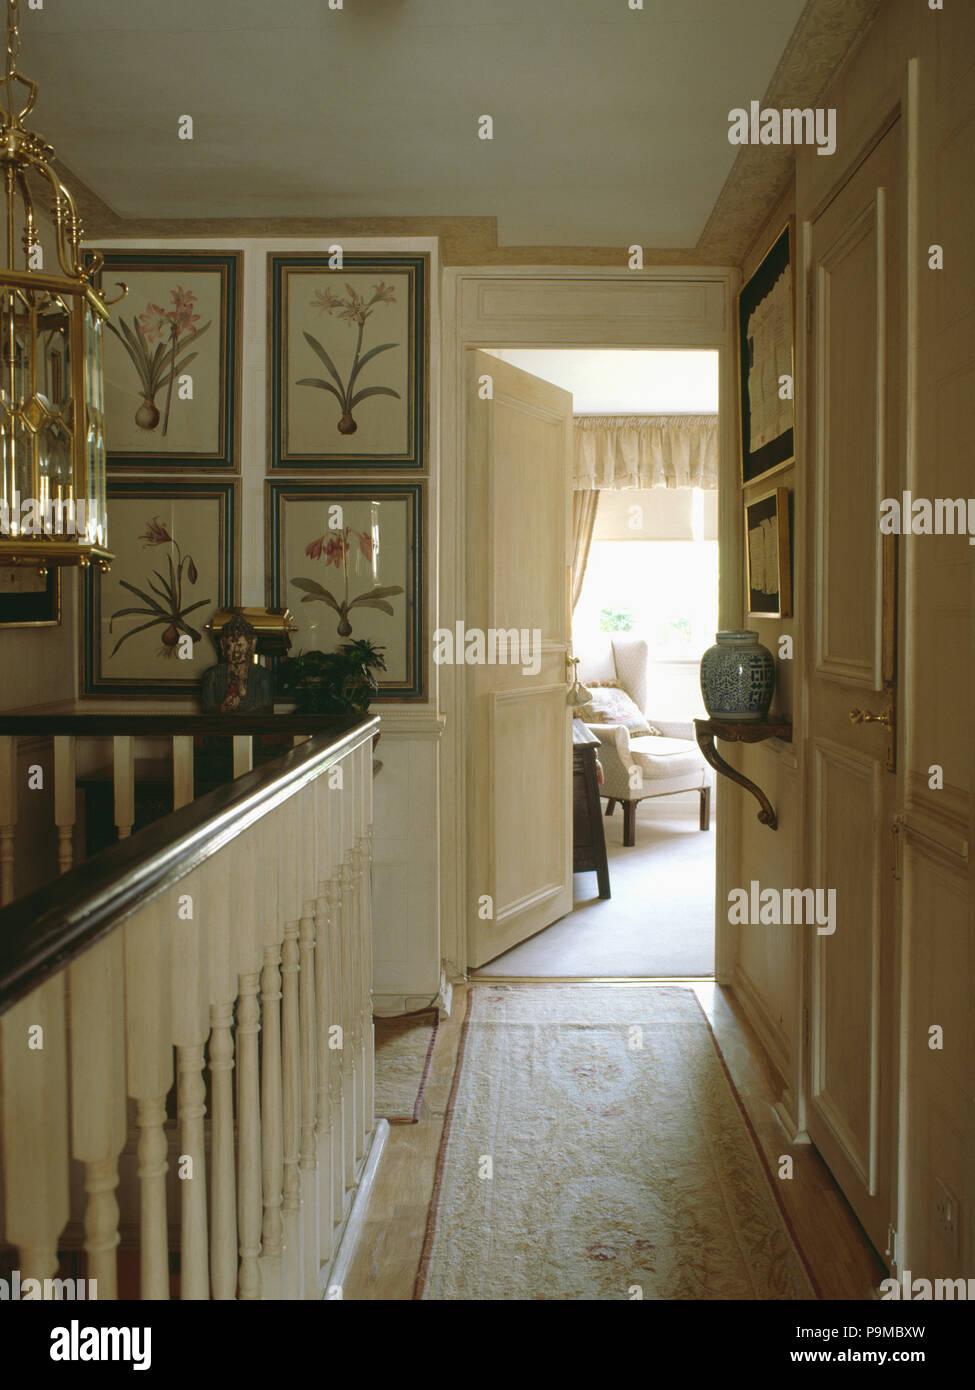 Floral Teppich Läufer Auf Creme Landung Mit Tür Zum Schlafzimmer öffnen